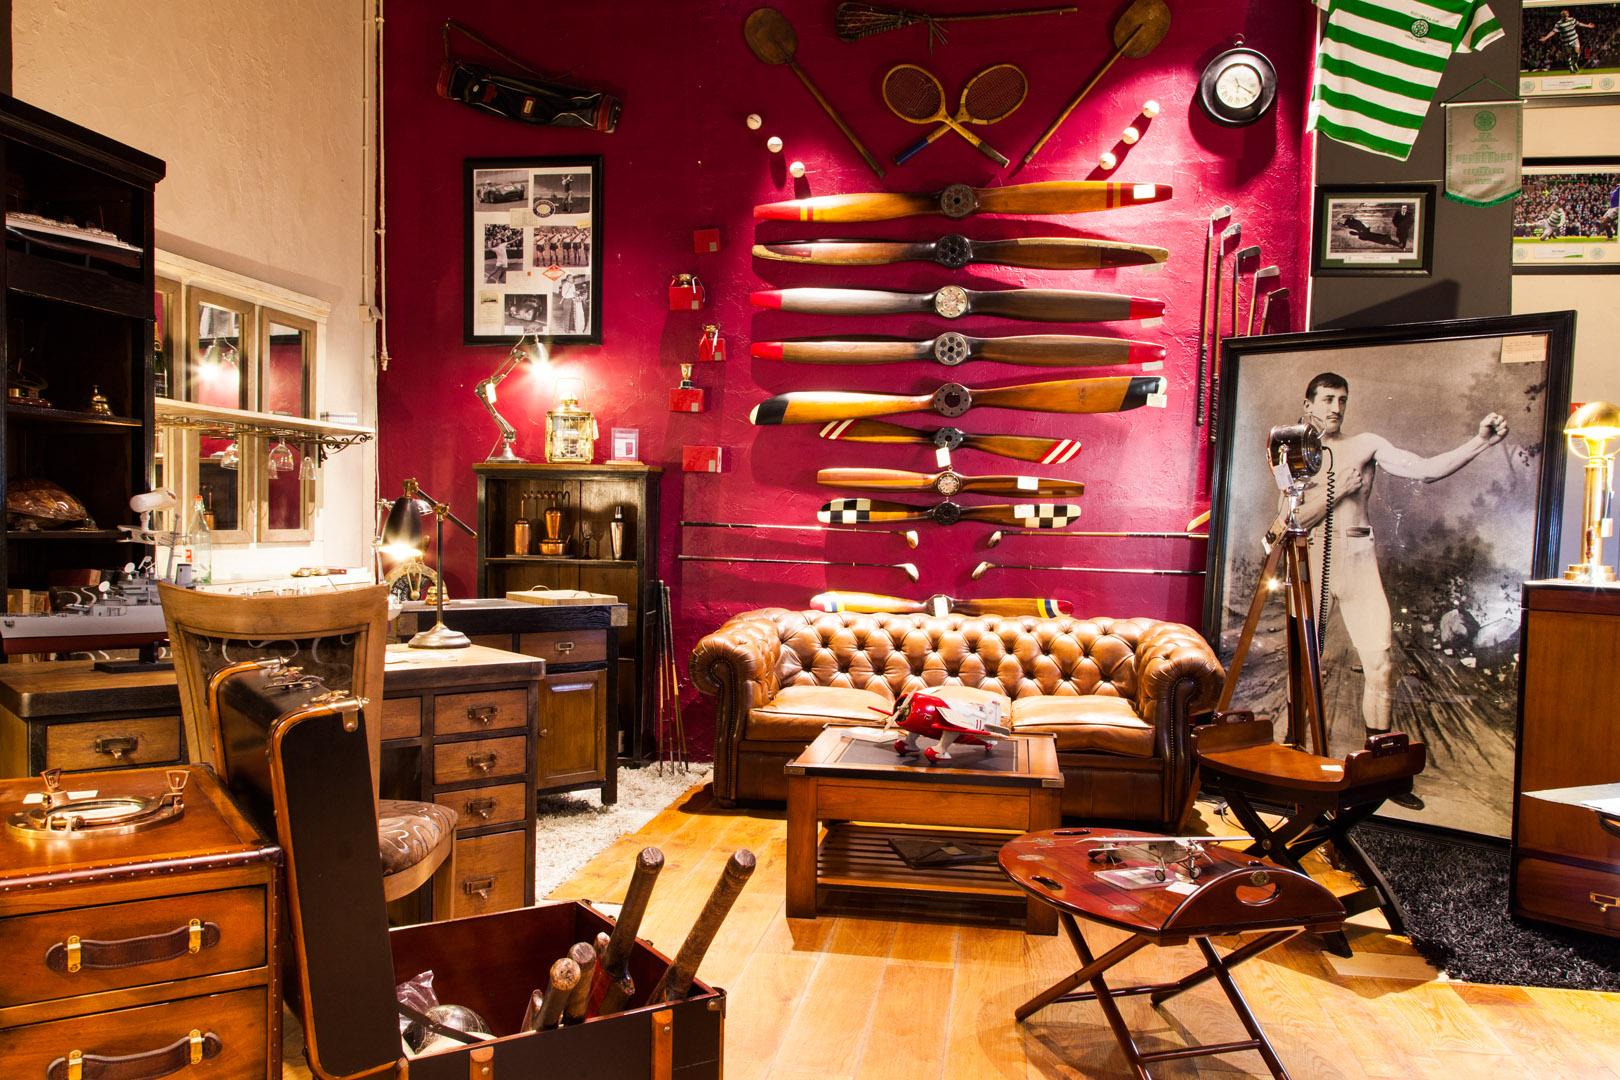 latitude d co des meubles et objets qui racontent une histoire. Black Bedroom Furniture Sets. Home Design Ideas